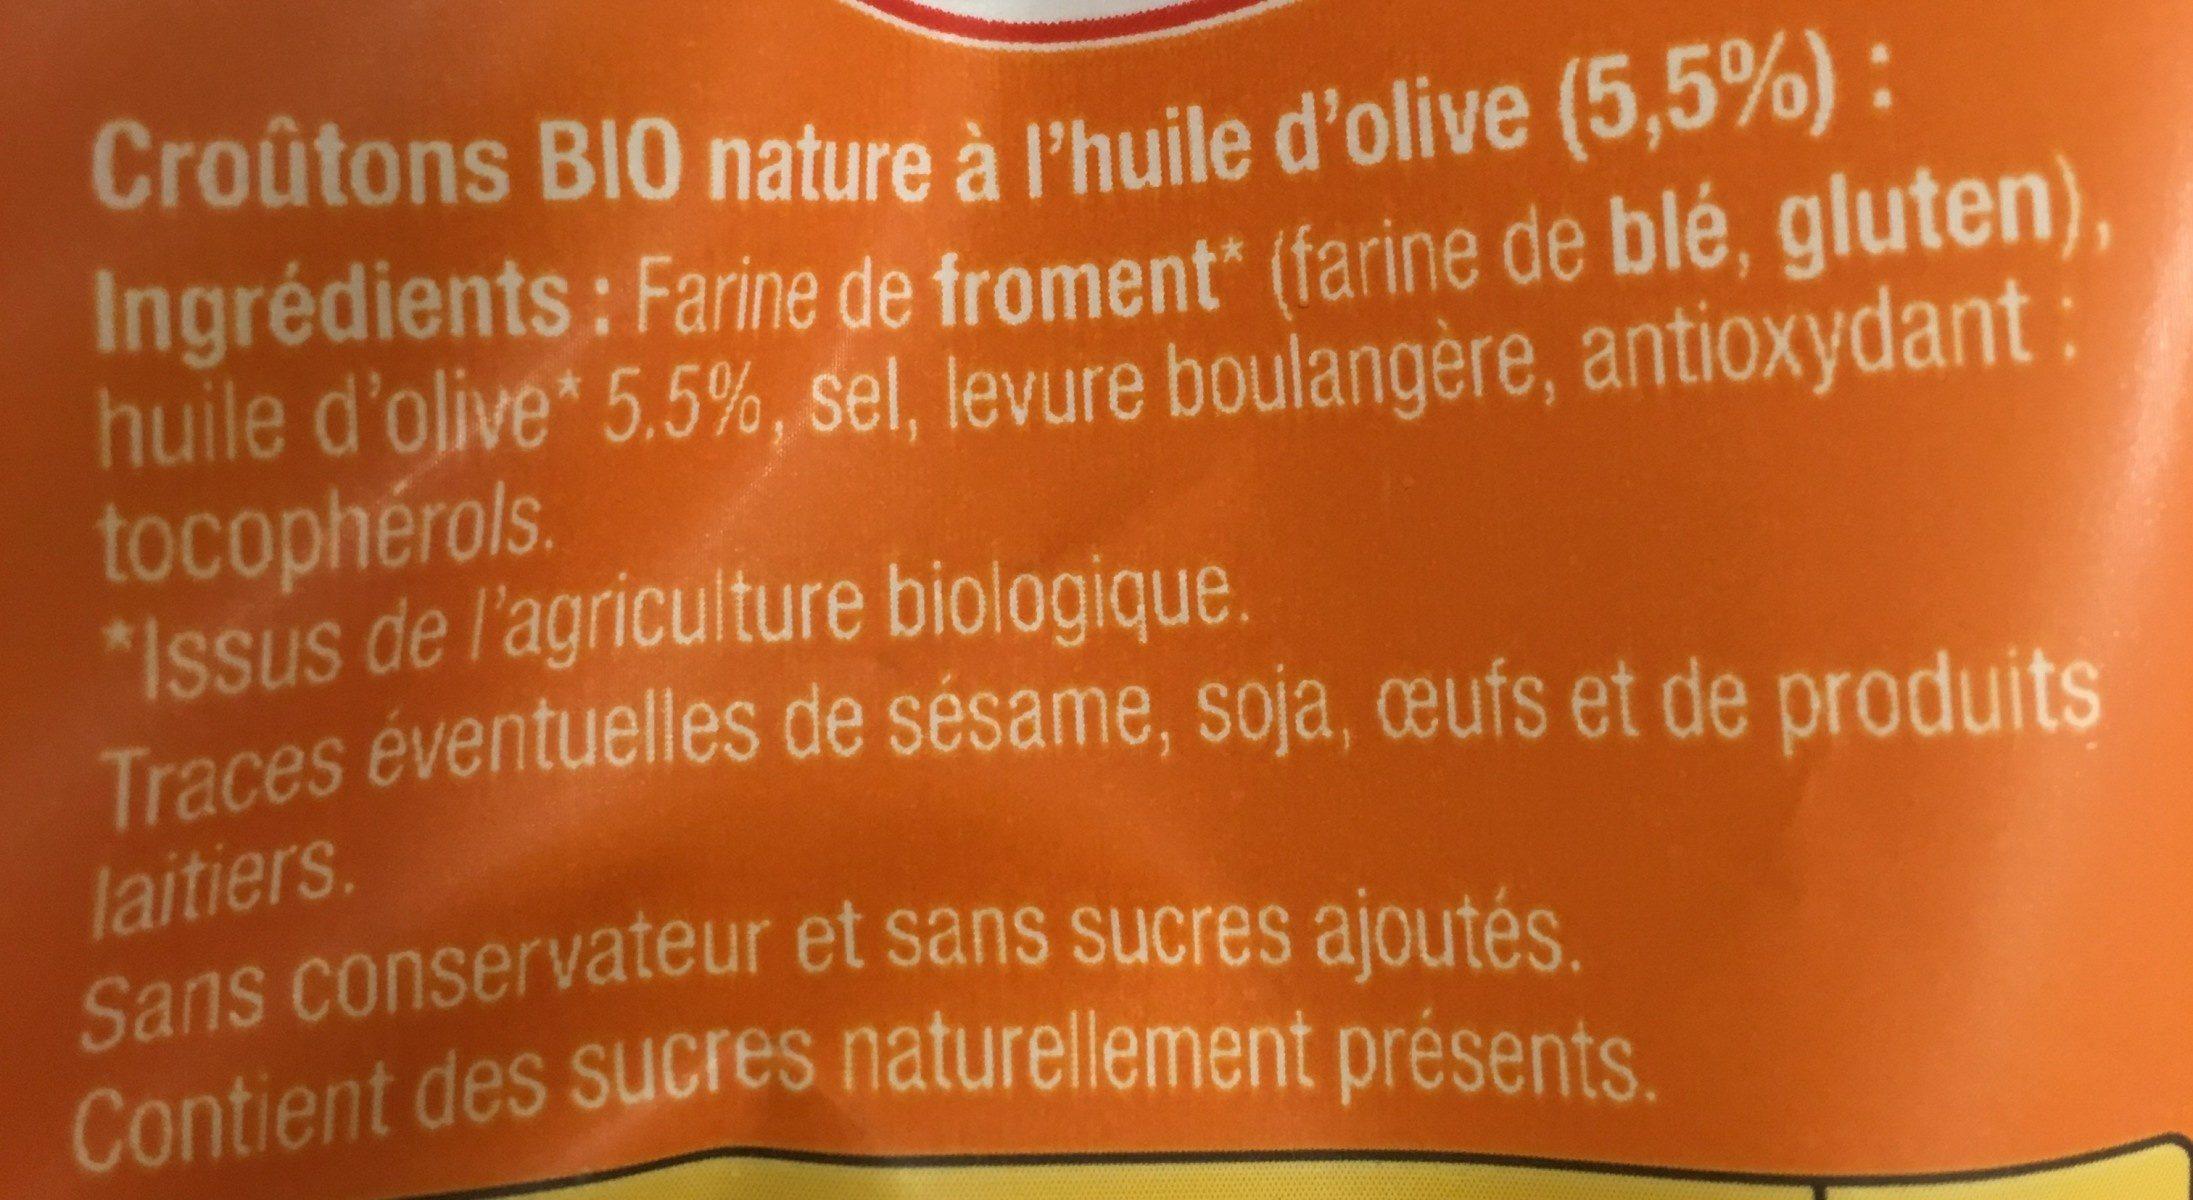 Croutons Nature bio - Ingrédients